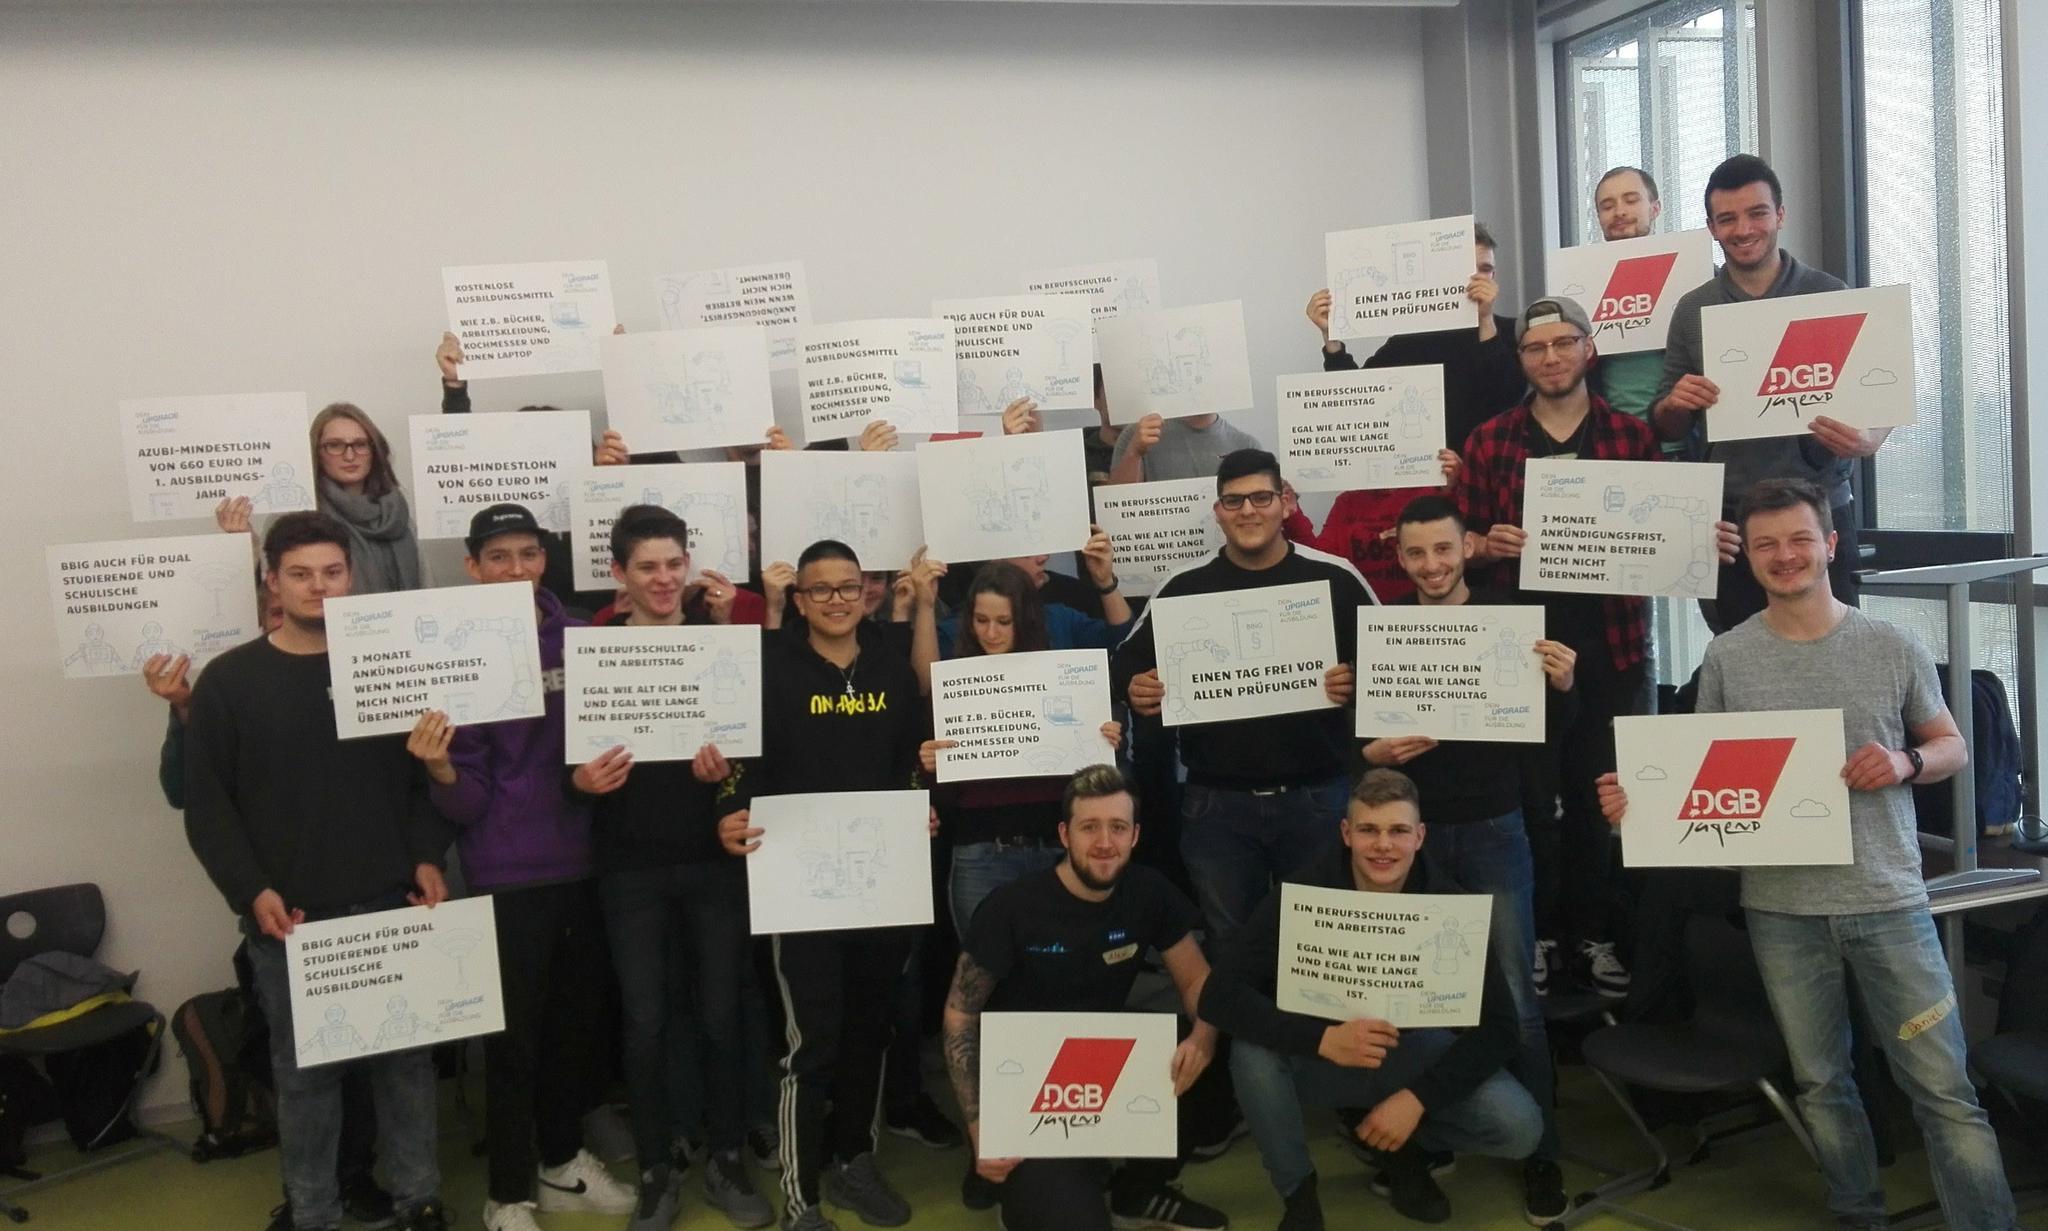 Auszubildende aus Karlsruhe, die eine Ausbildung zum_r  Mechatroniker_in und zum_r Elektroniker_in durchlaufen, halten Plakate hoch.